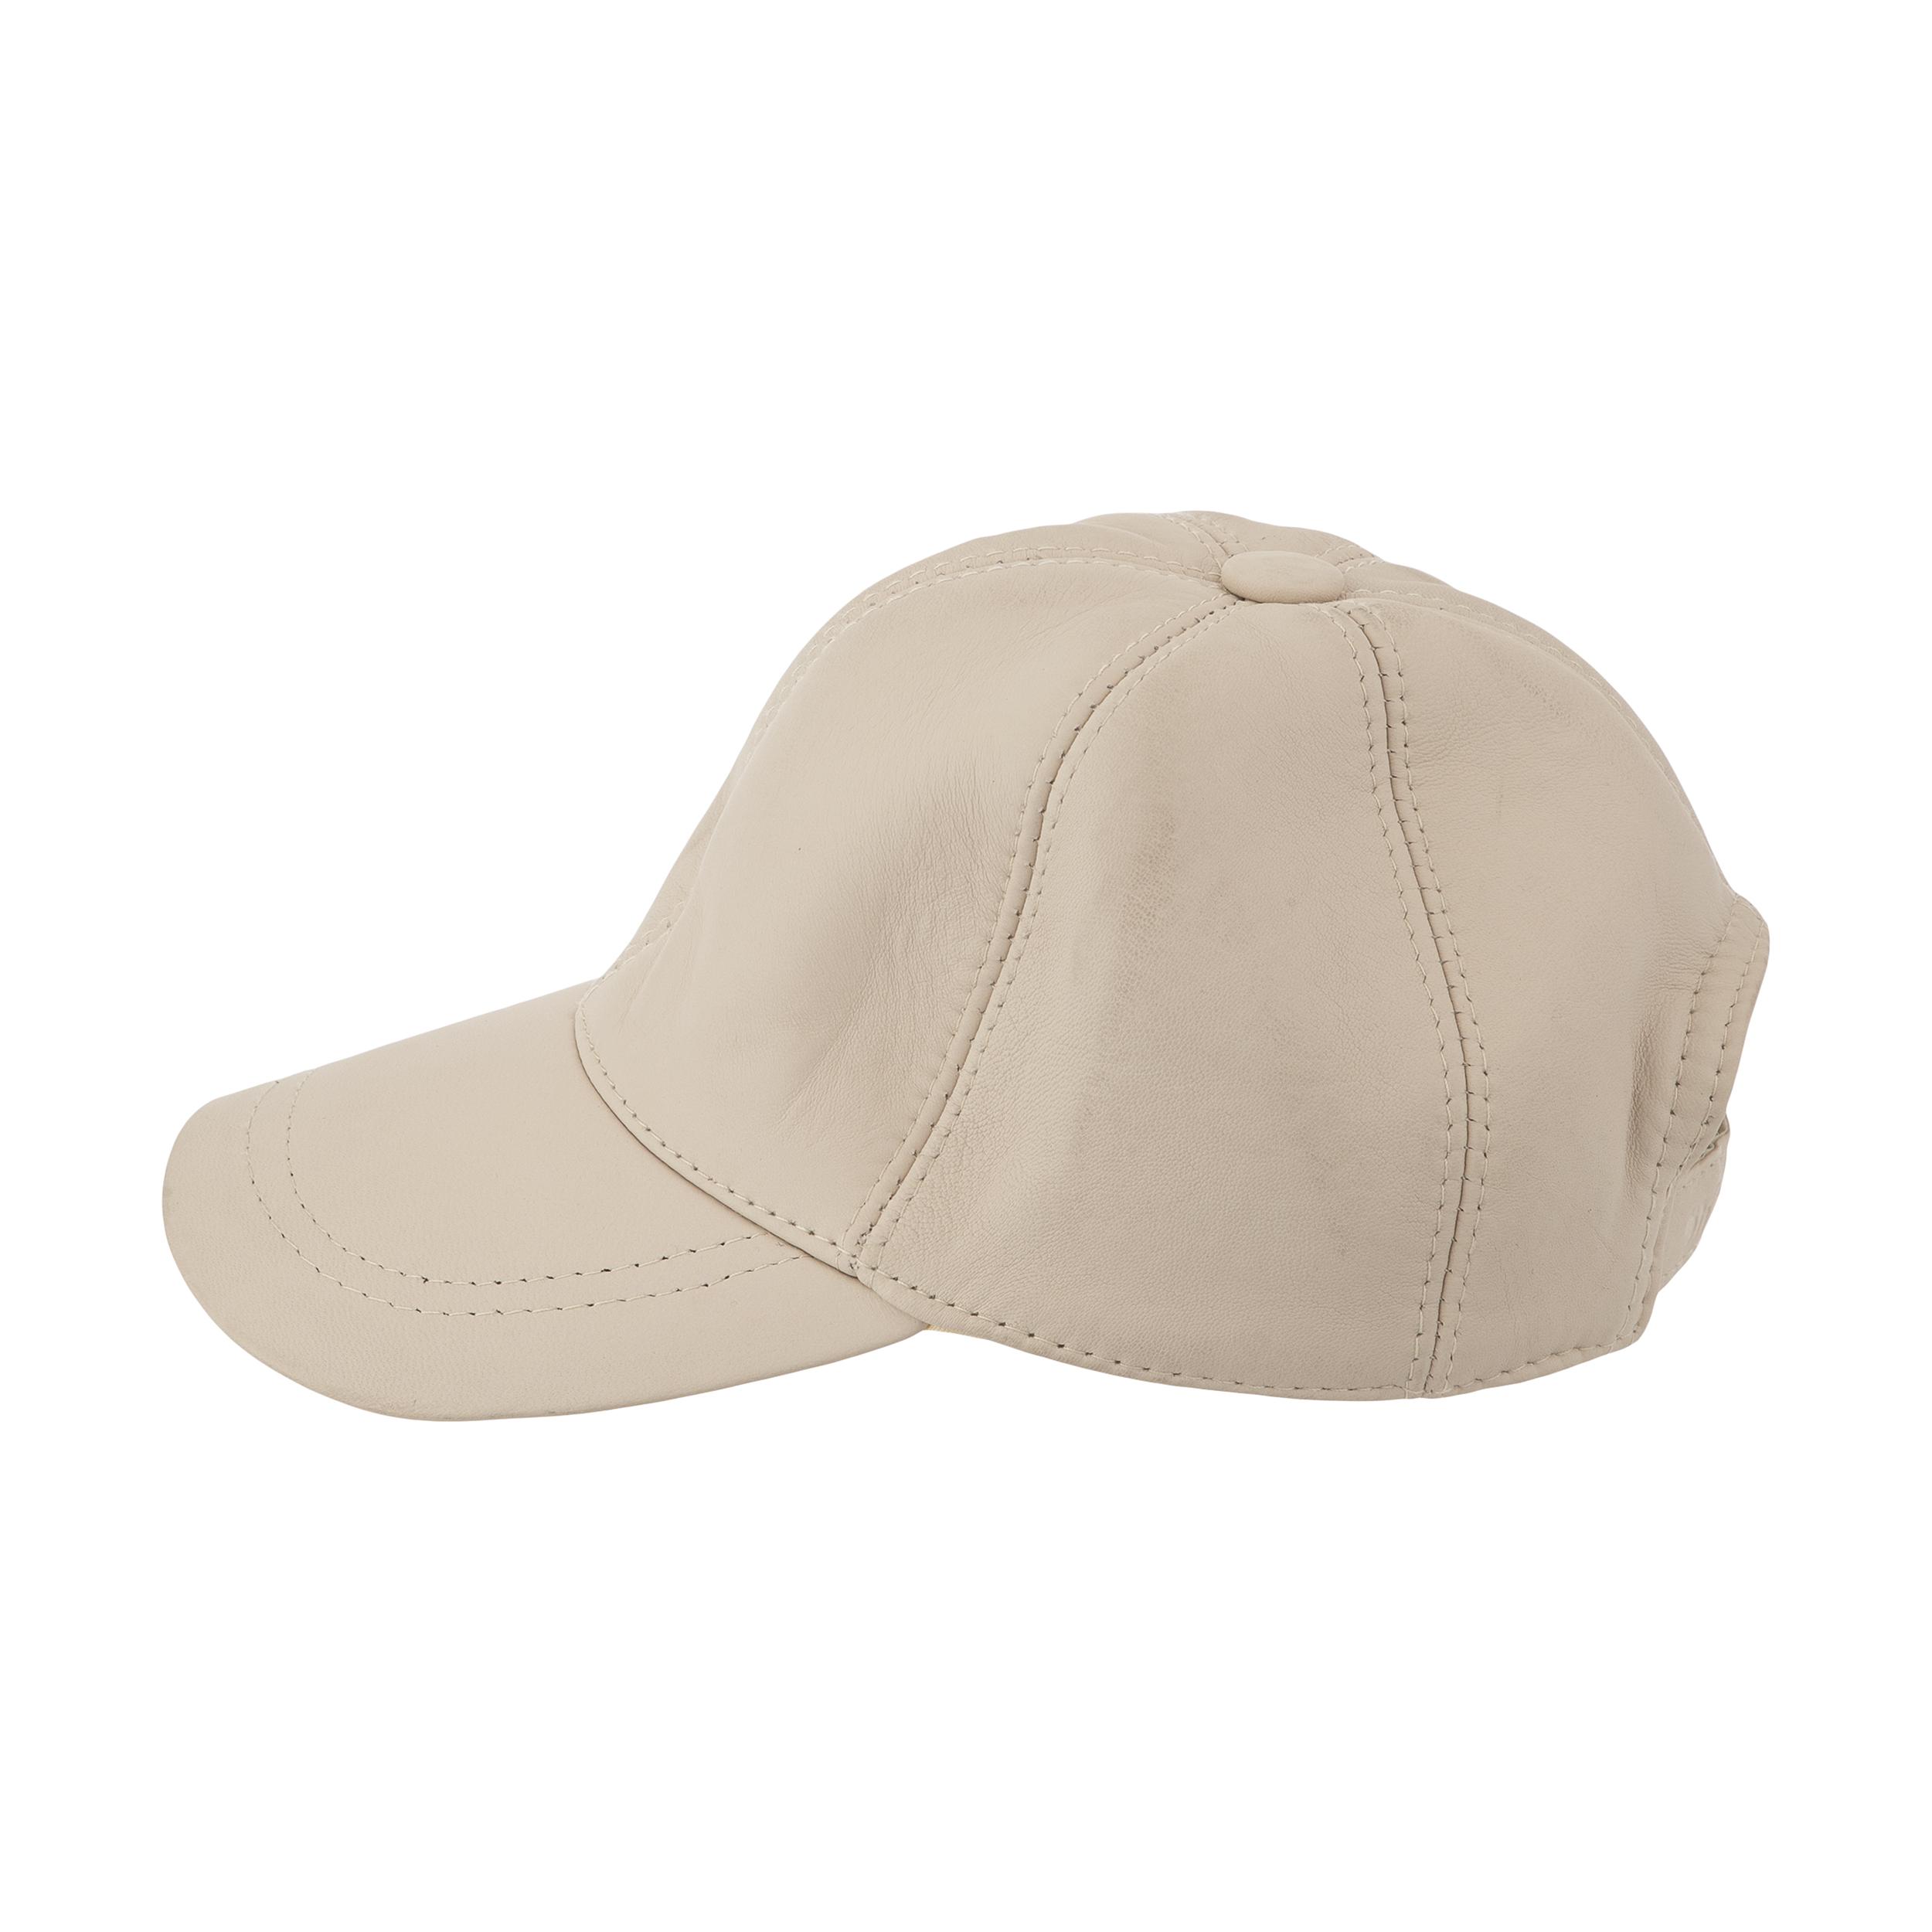 کلاه کپ شیفر مدل 8701A14